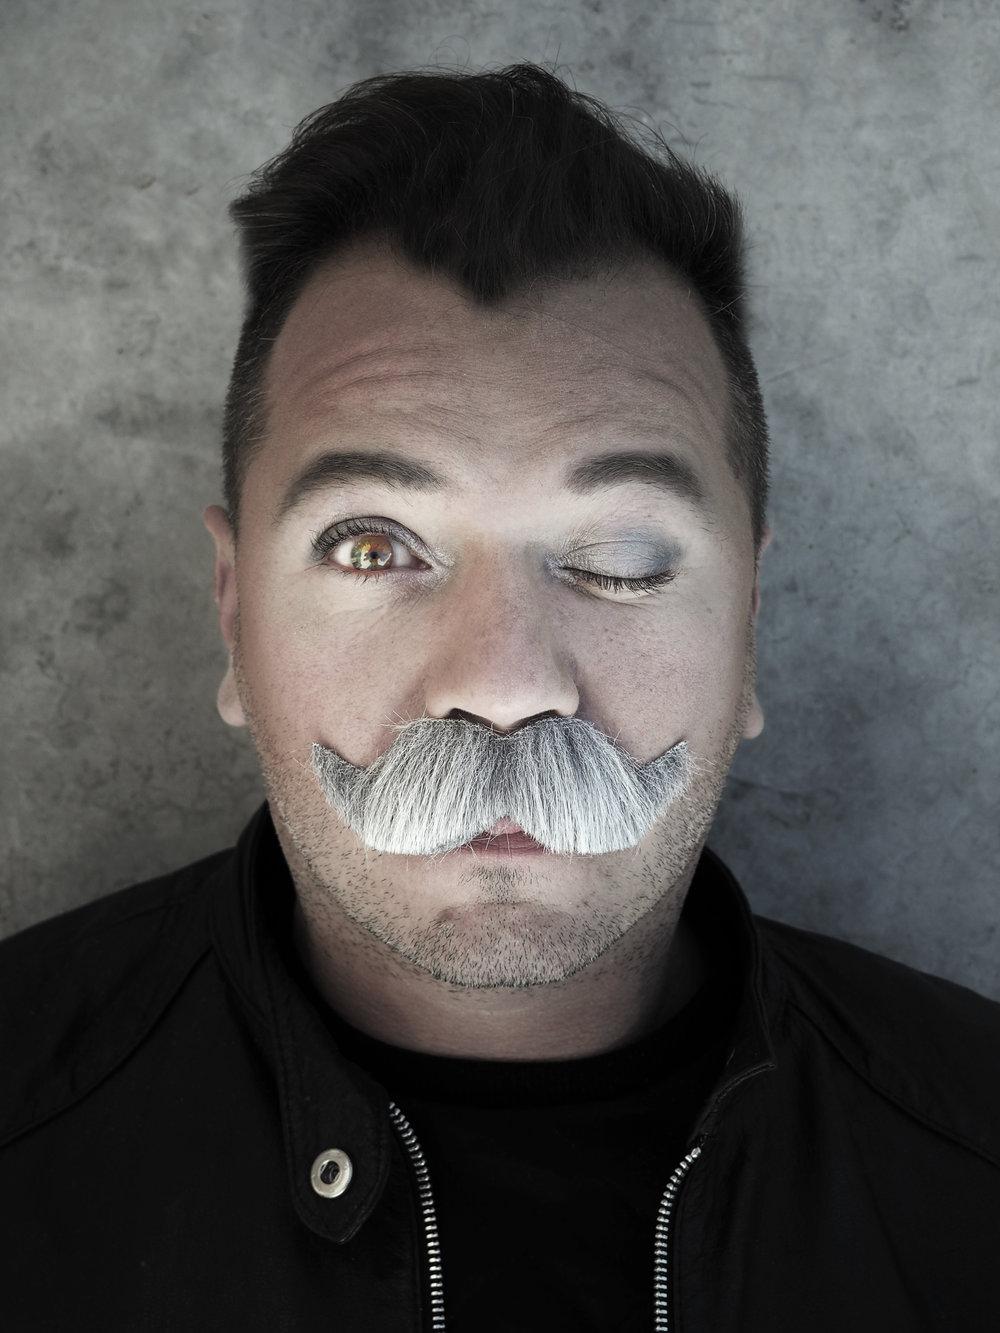 Moustache 2015